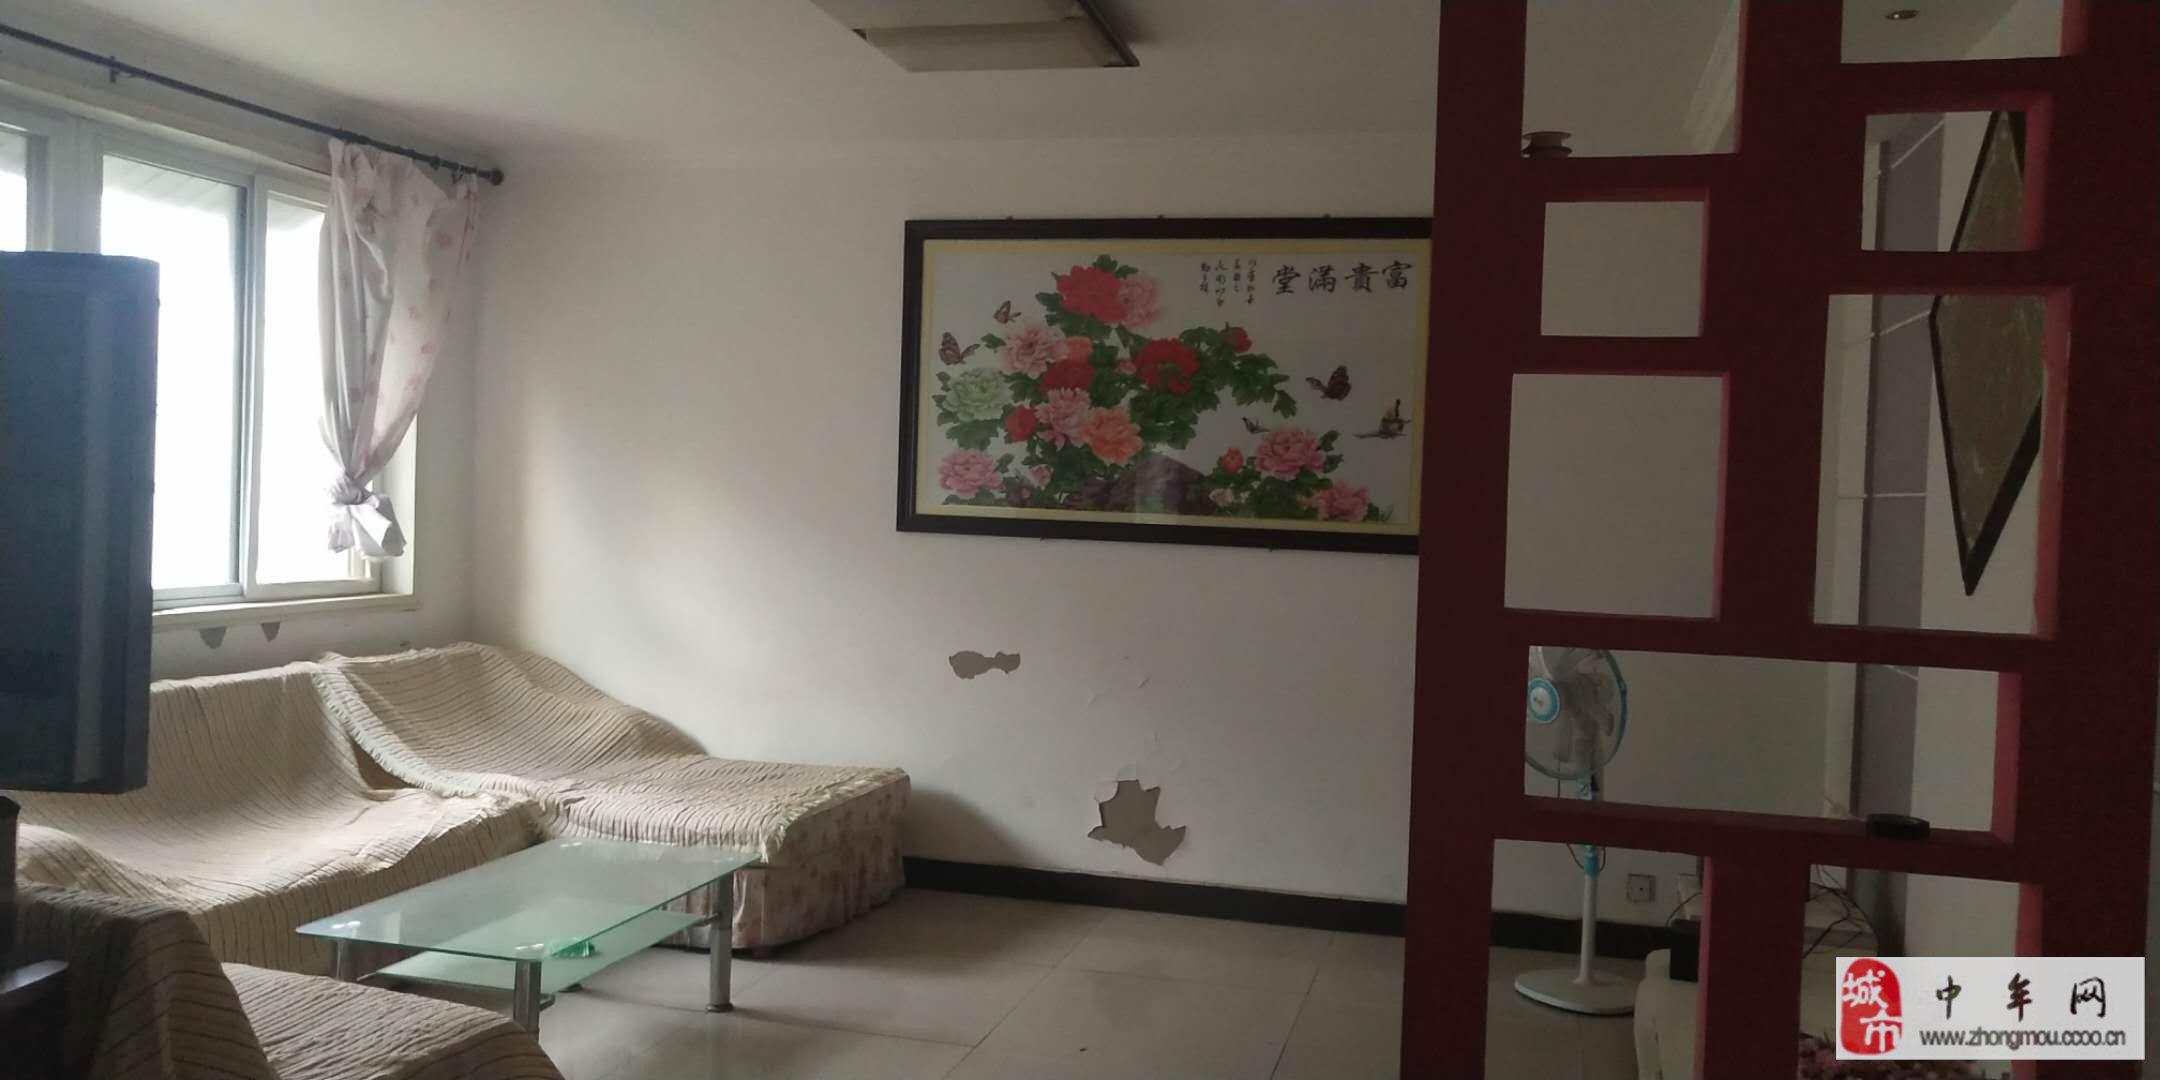 金帝城,簡裝三室滿五唯一住房省稅價位能少